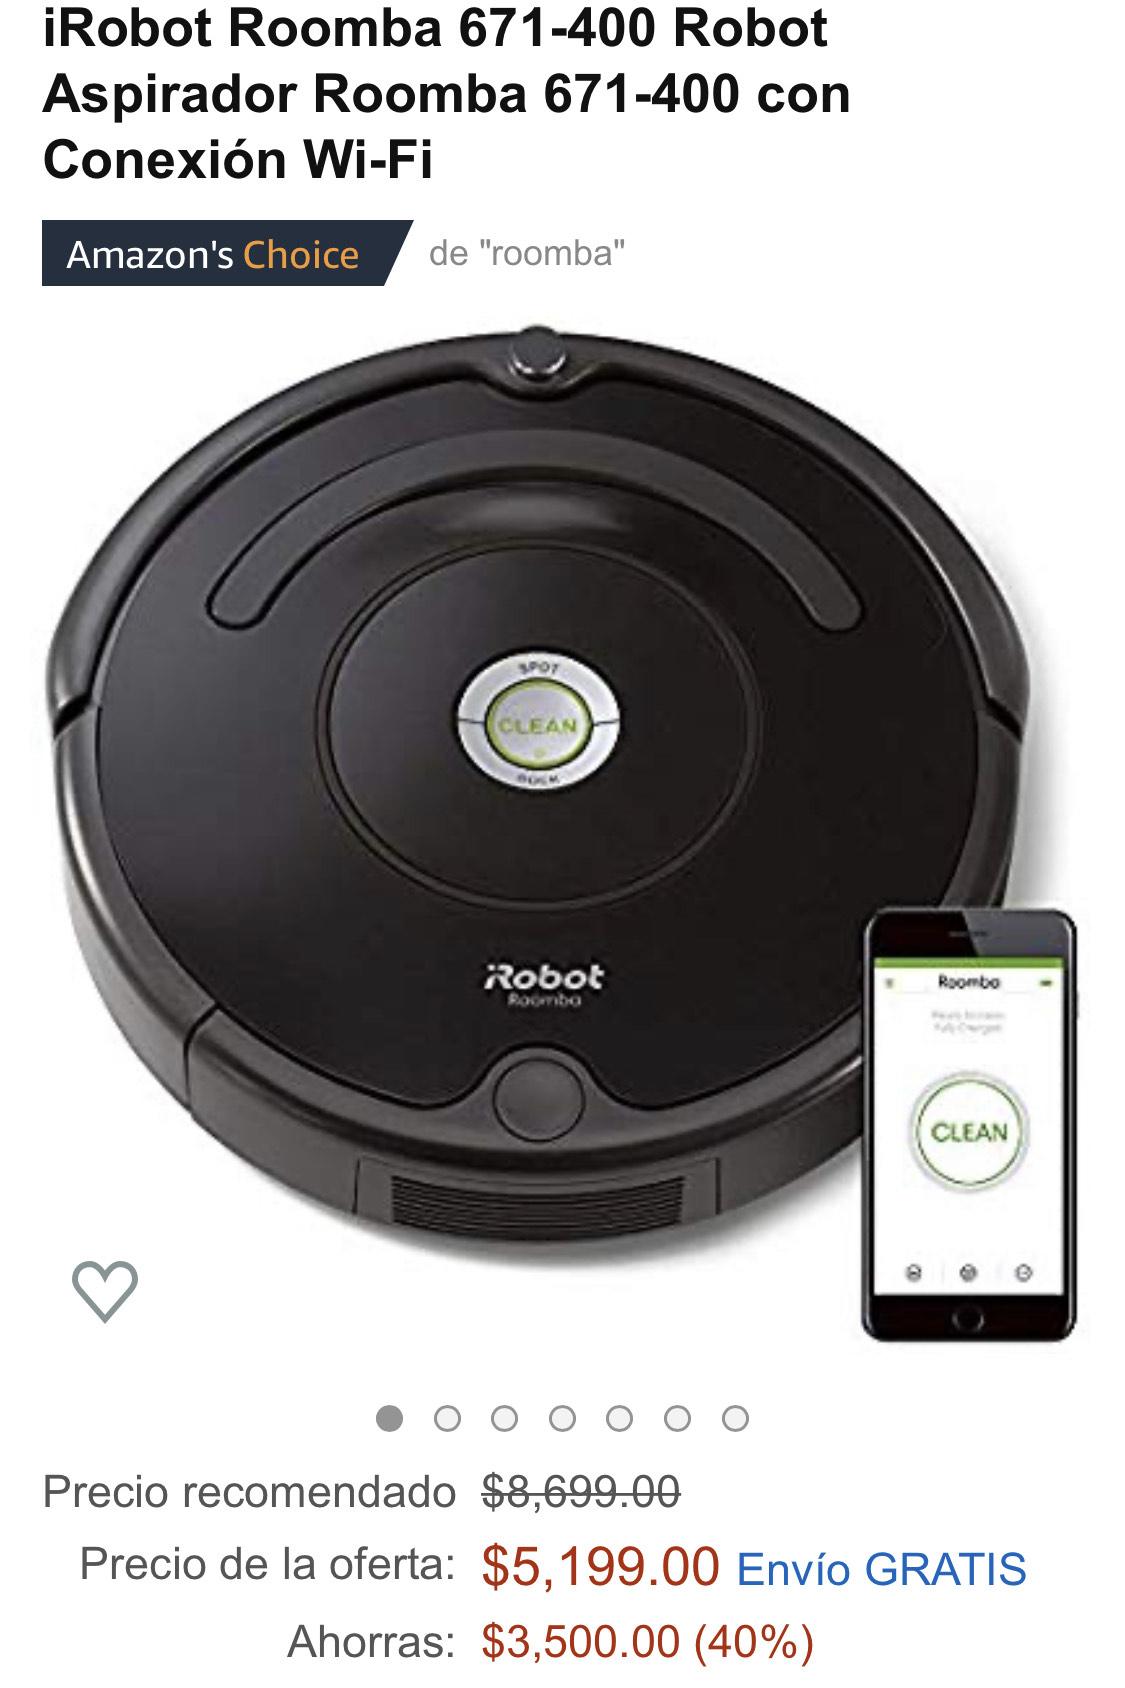 Amazon: Roomba 671-700 con Citibanamex Débito